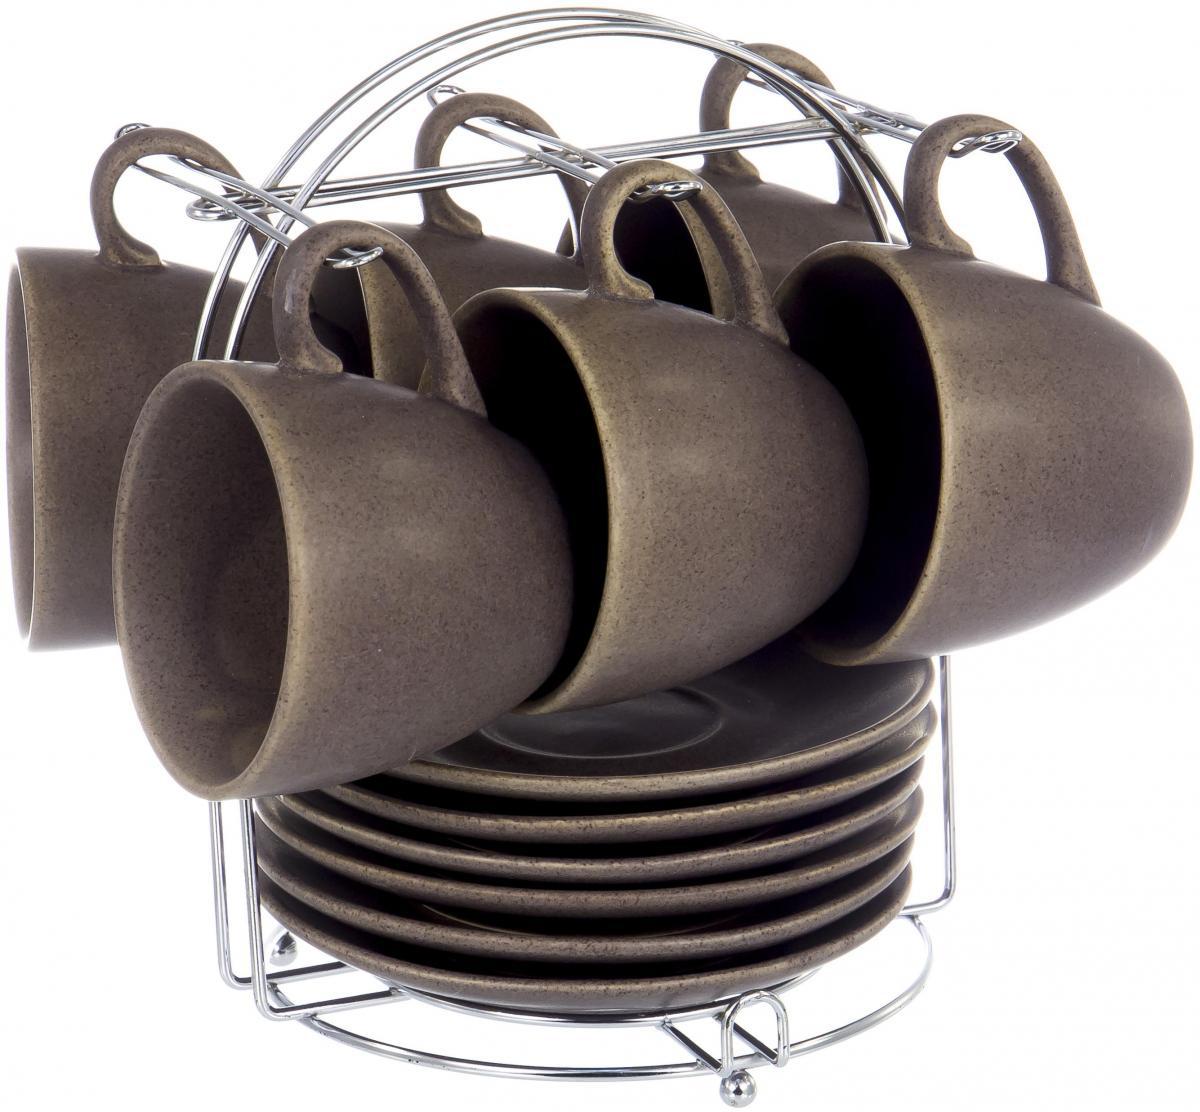 """Чайный набор """"Крошка"""" на шесть персон включает в себя шесть чашек 220 мл, шесть блюдец и металлическую подставку, которая позволит сэкономить место на кухне. Посуда выполнена из керамики и глазурью цвета кофе с молоком. Стильный набор для повседневного использования и семейных посиделок."""